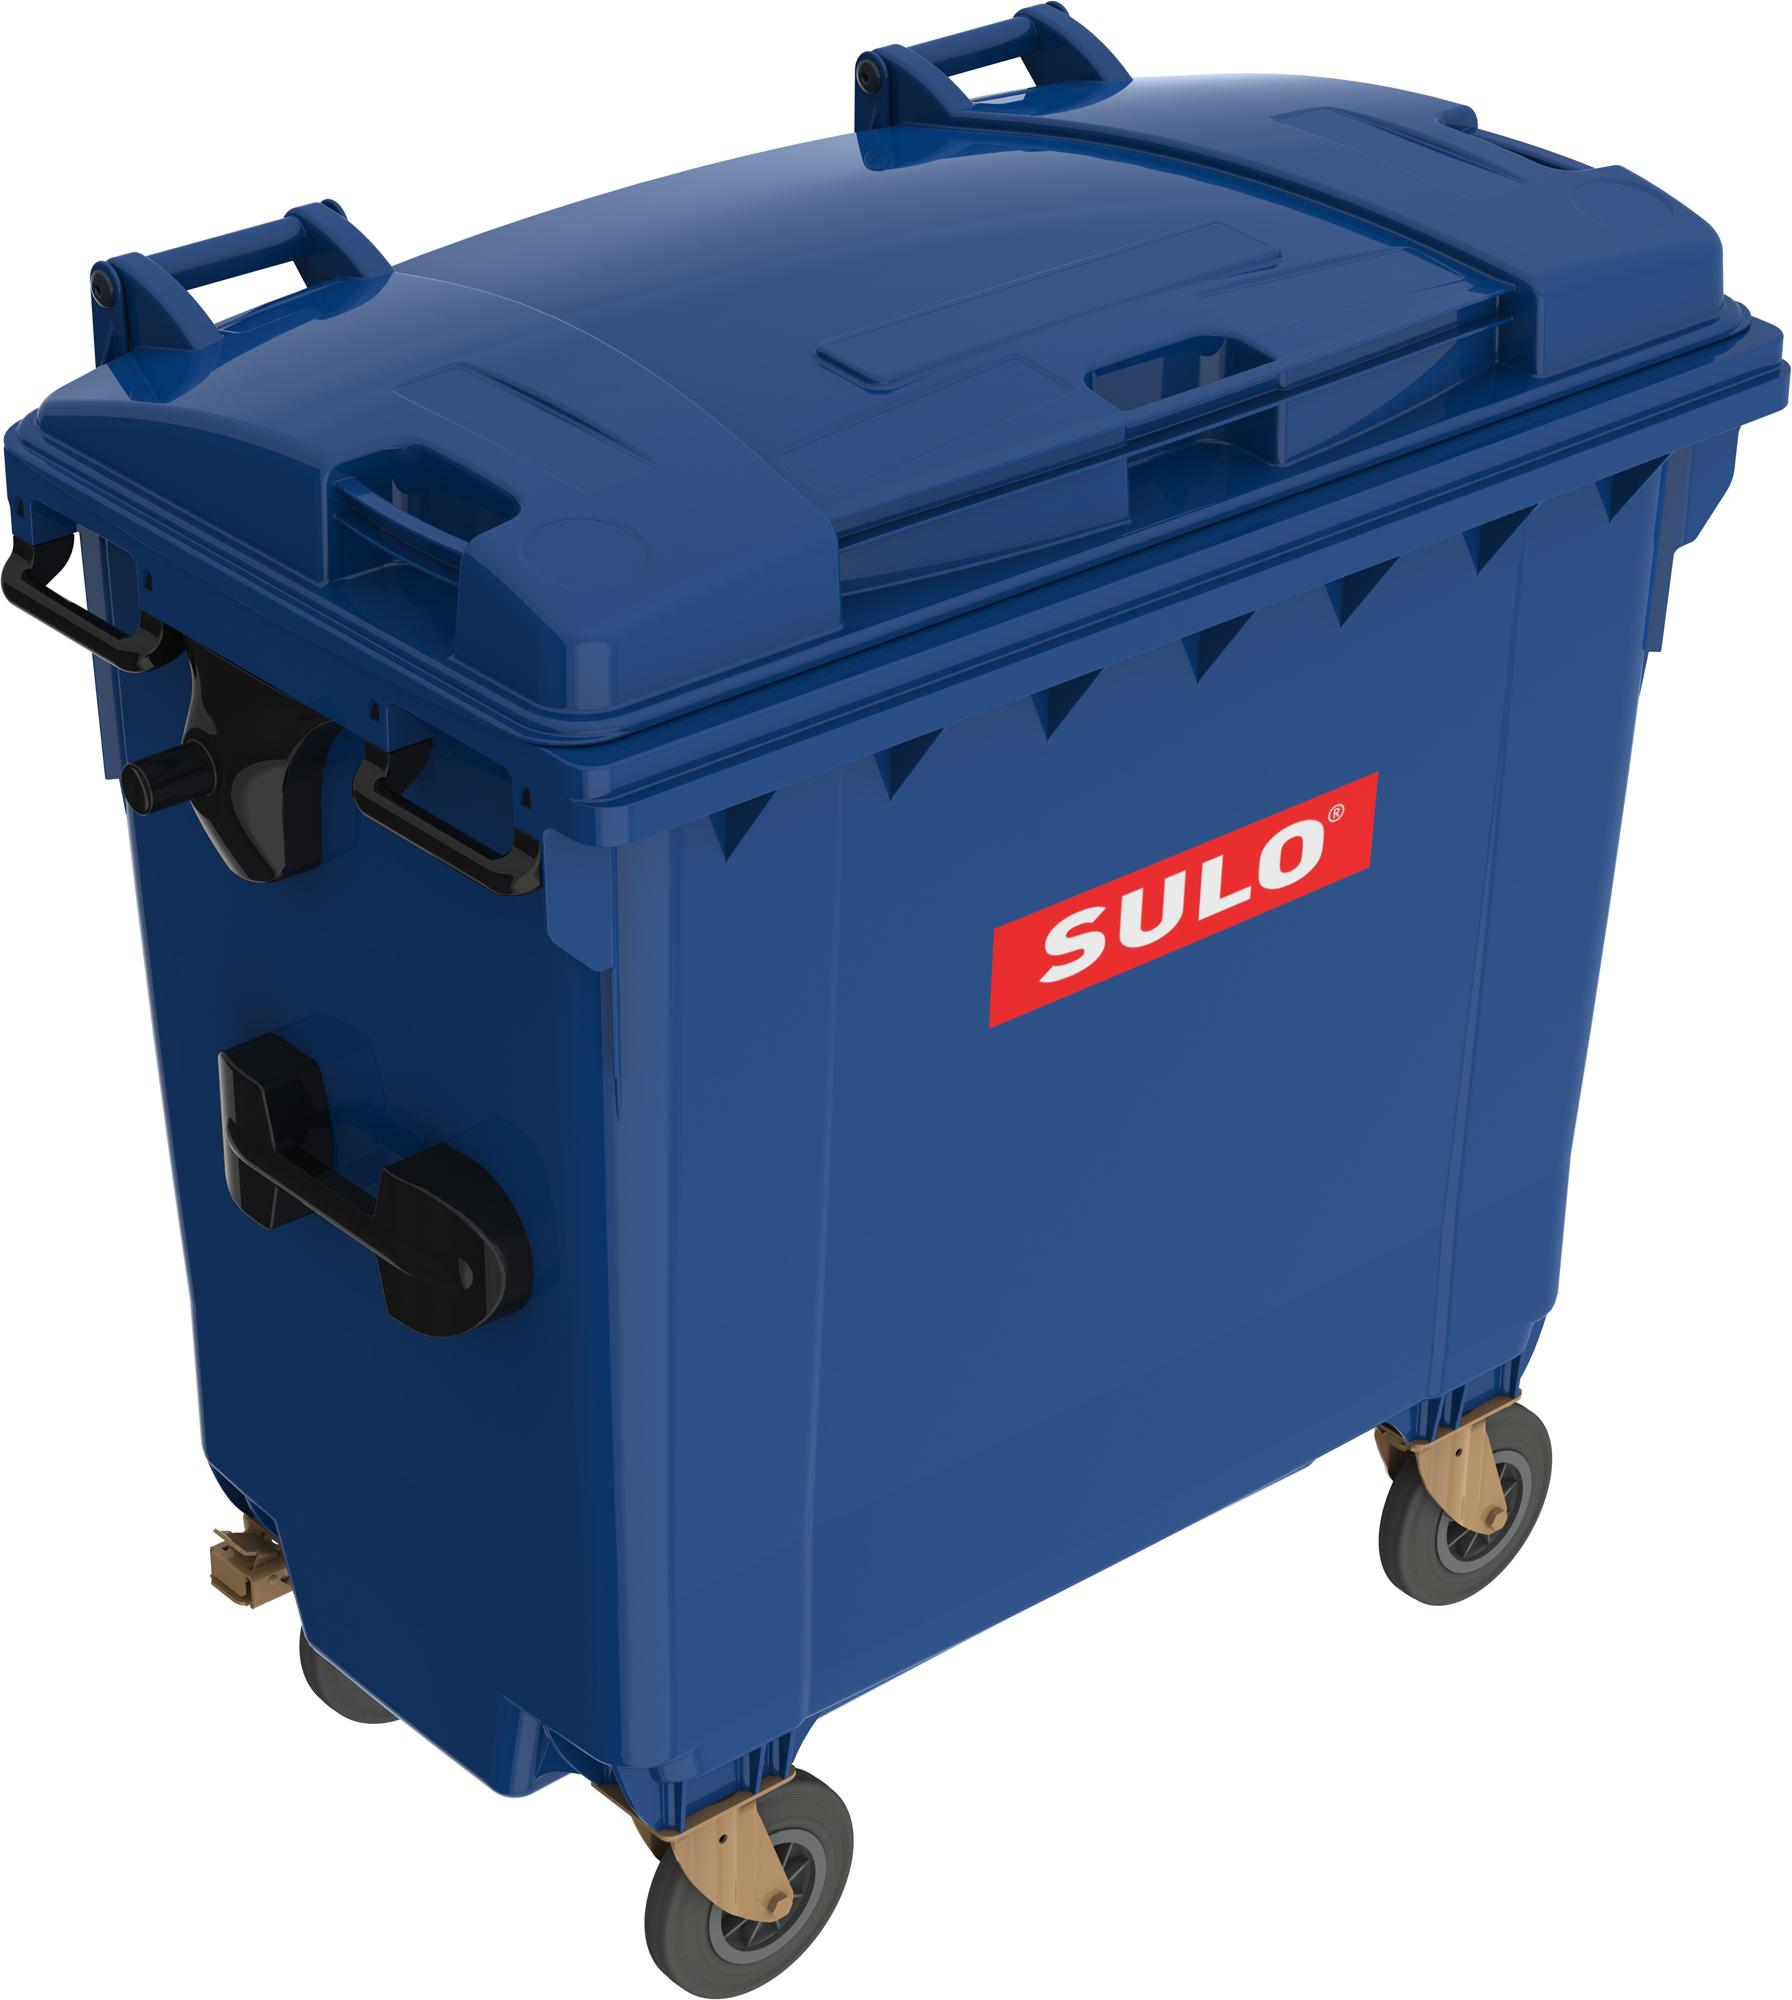 Eurocontainer Din Material Plastic 770 L Albastru Cu Capac Plat Mevatec - Transport Inclus 2021 sanito.ro